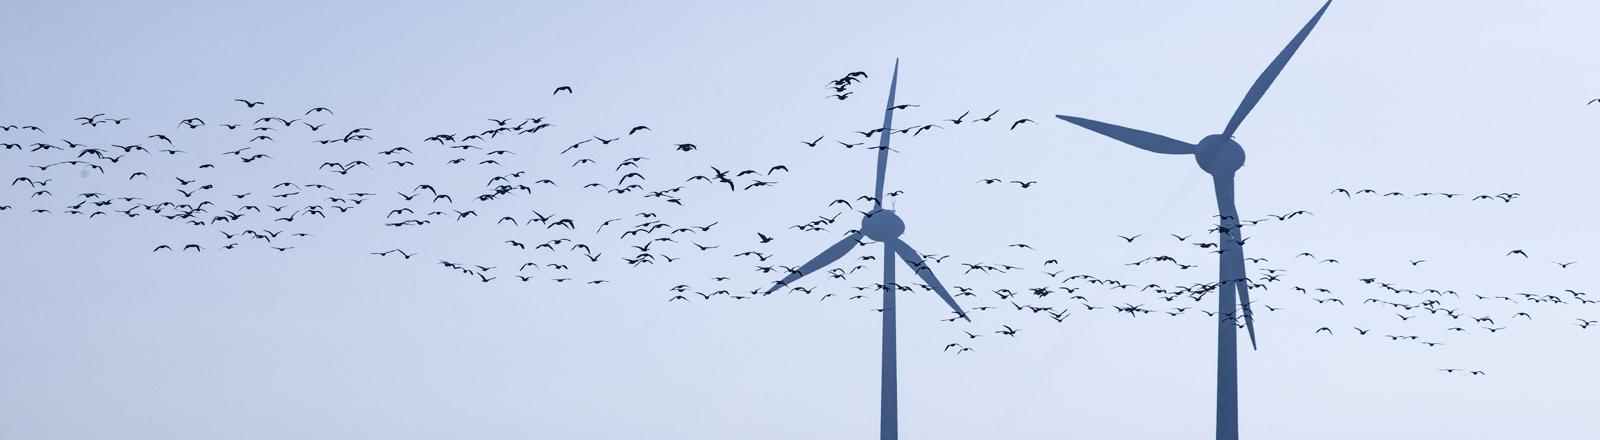 windräder und vögel